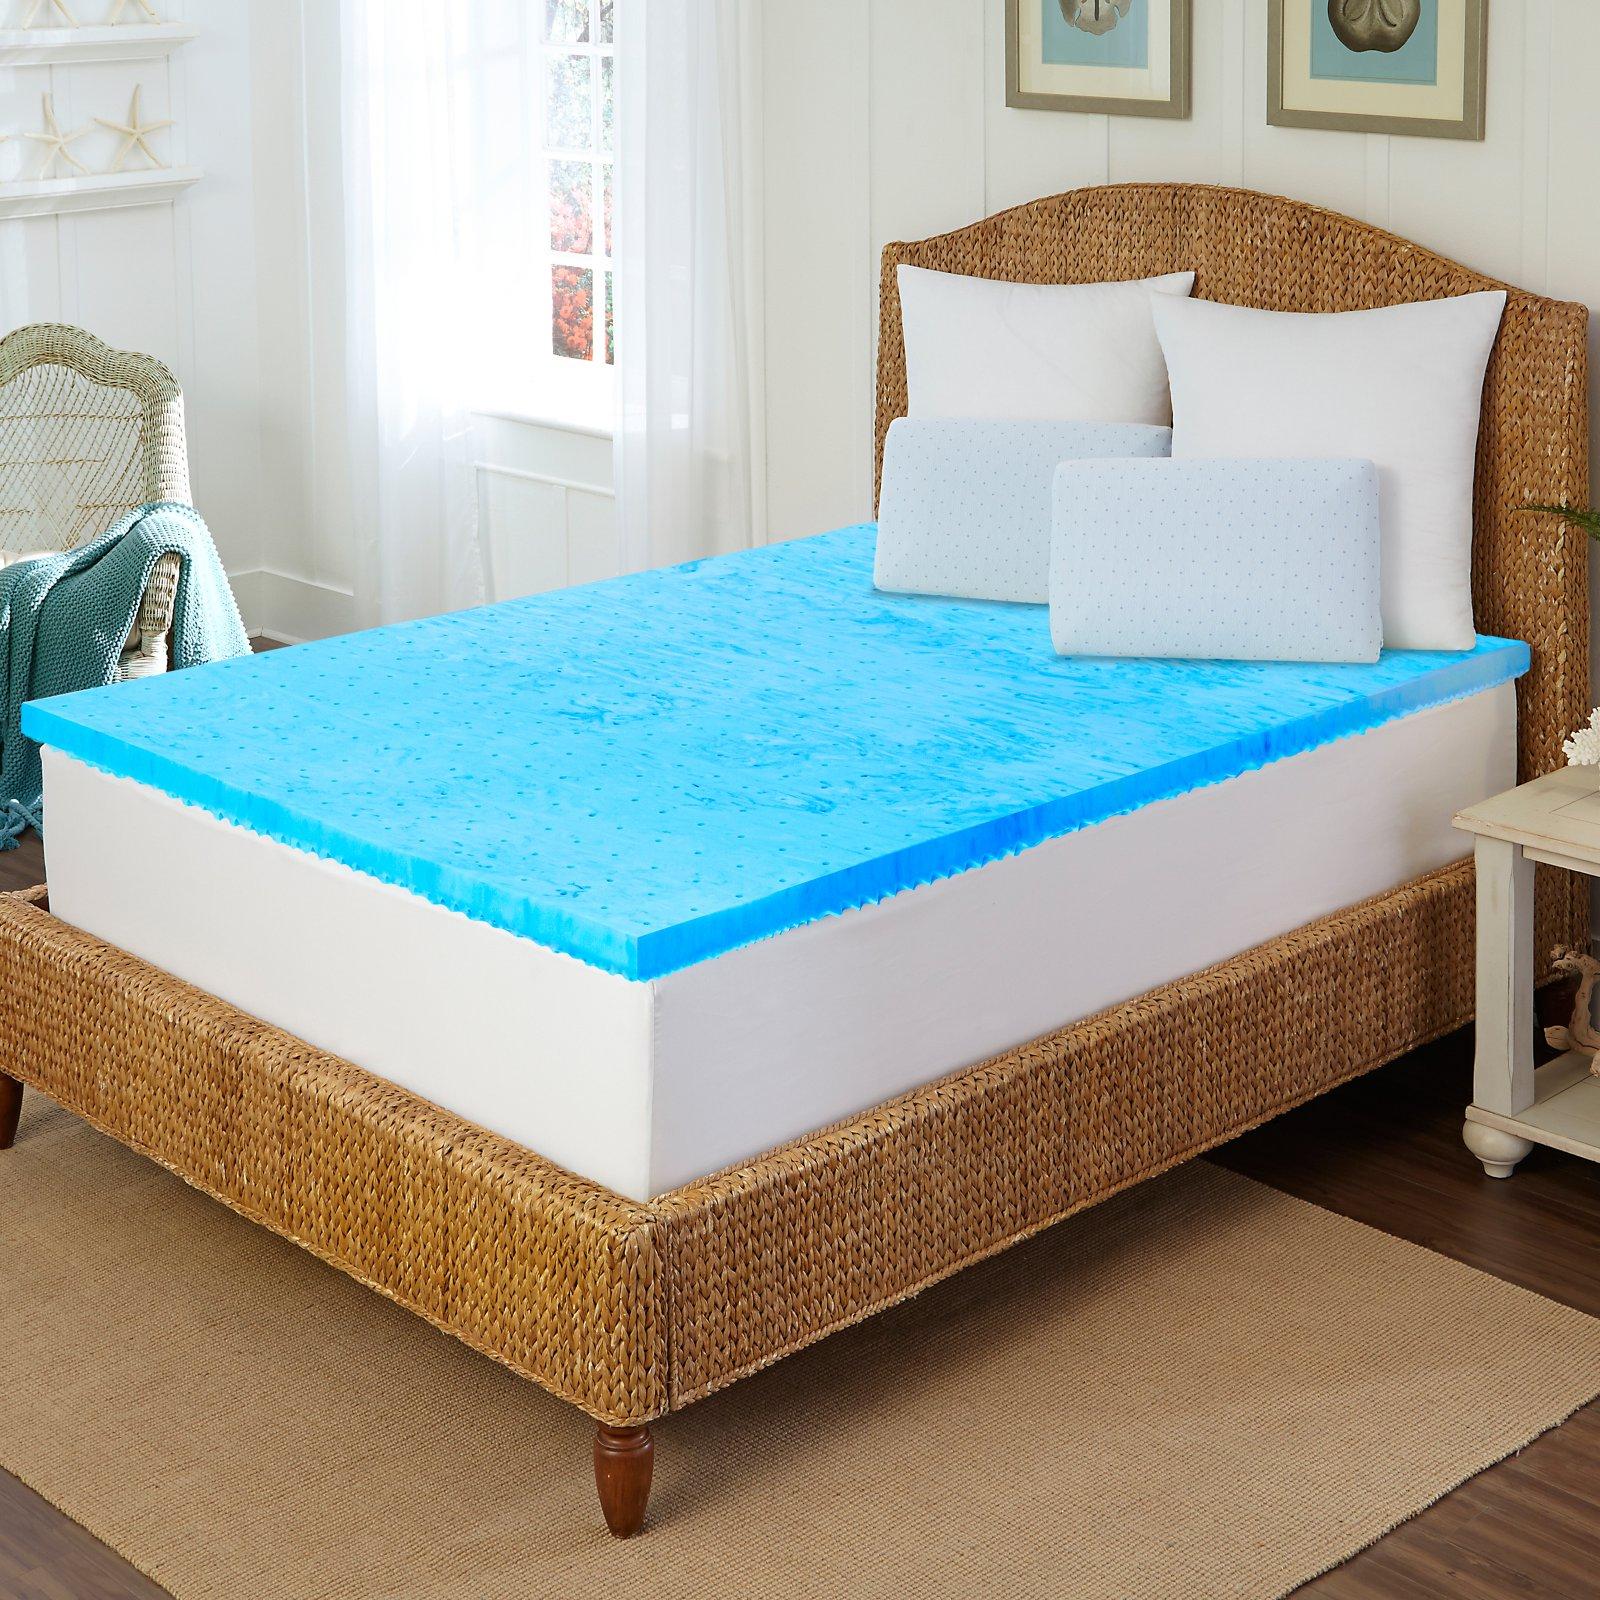 Arctic Sleep By Pure Rest 5 Zone Marbleized Gel Memory Foam Topper